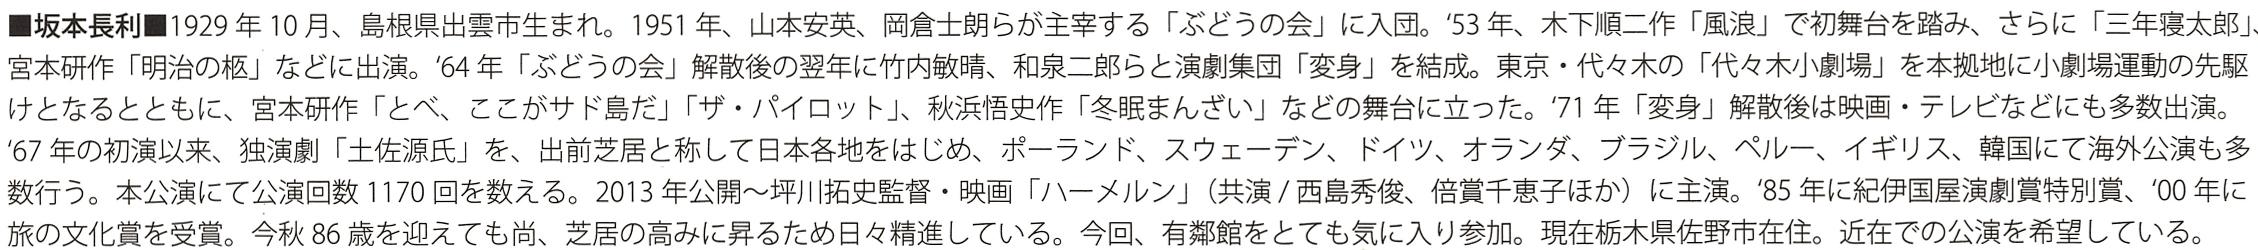 坂本長利 9/12